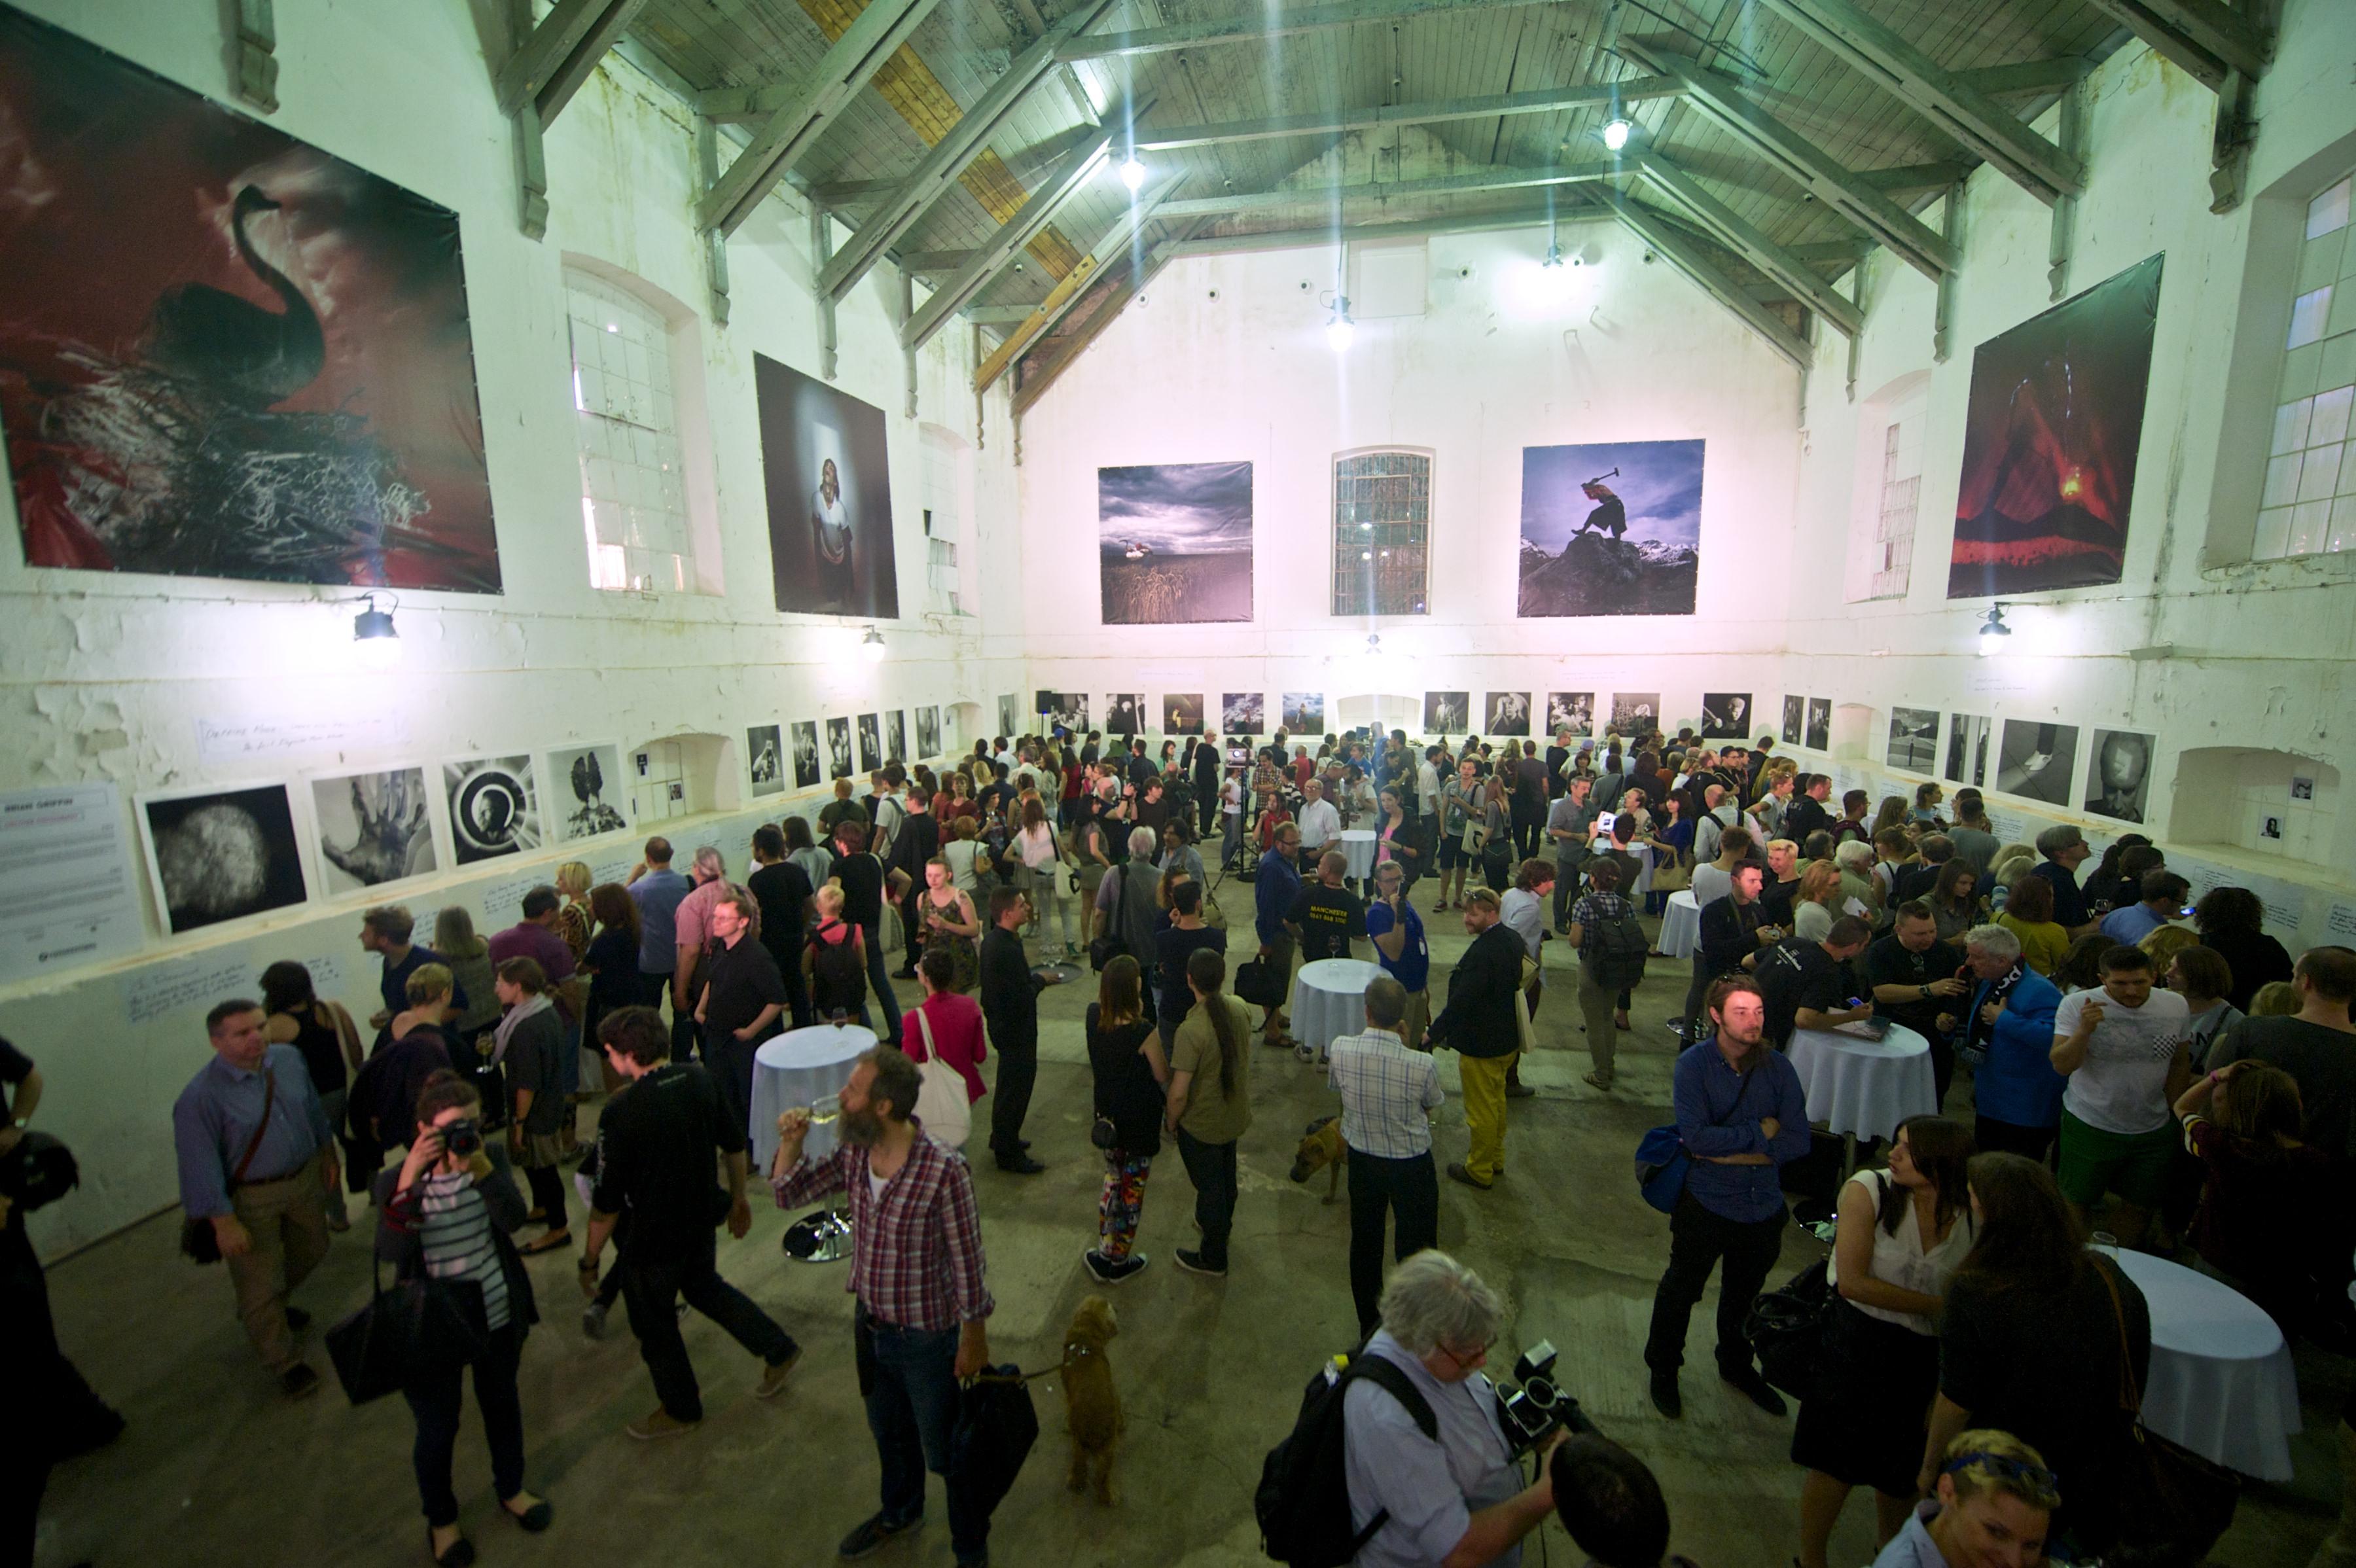 fotó: Fotofestiwal / Łukasz Szeląg